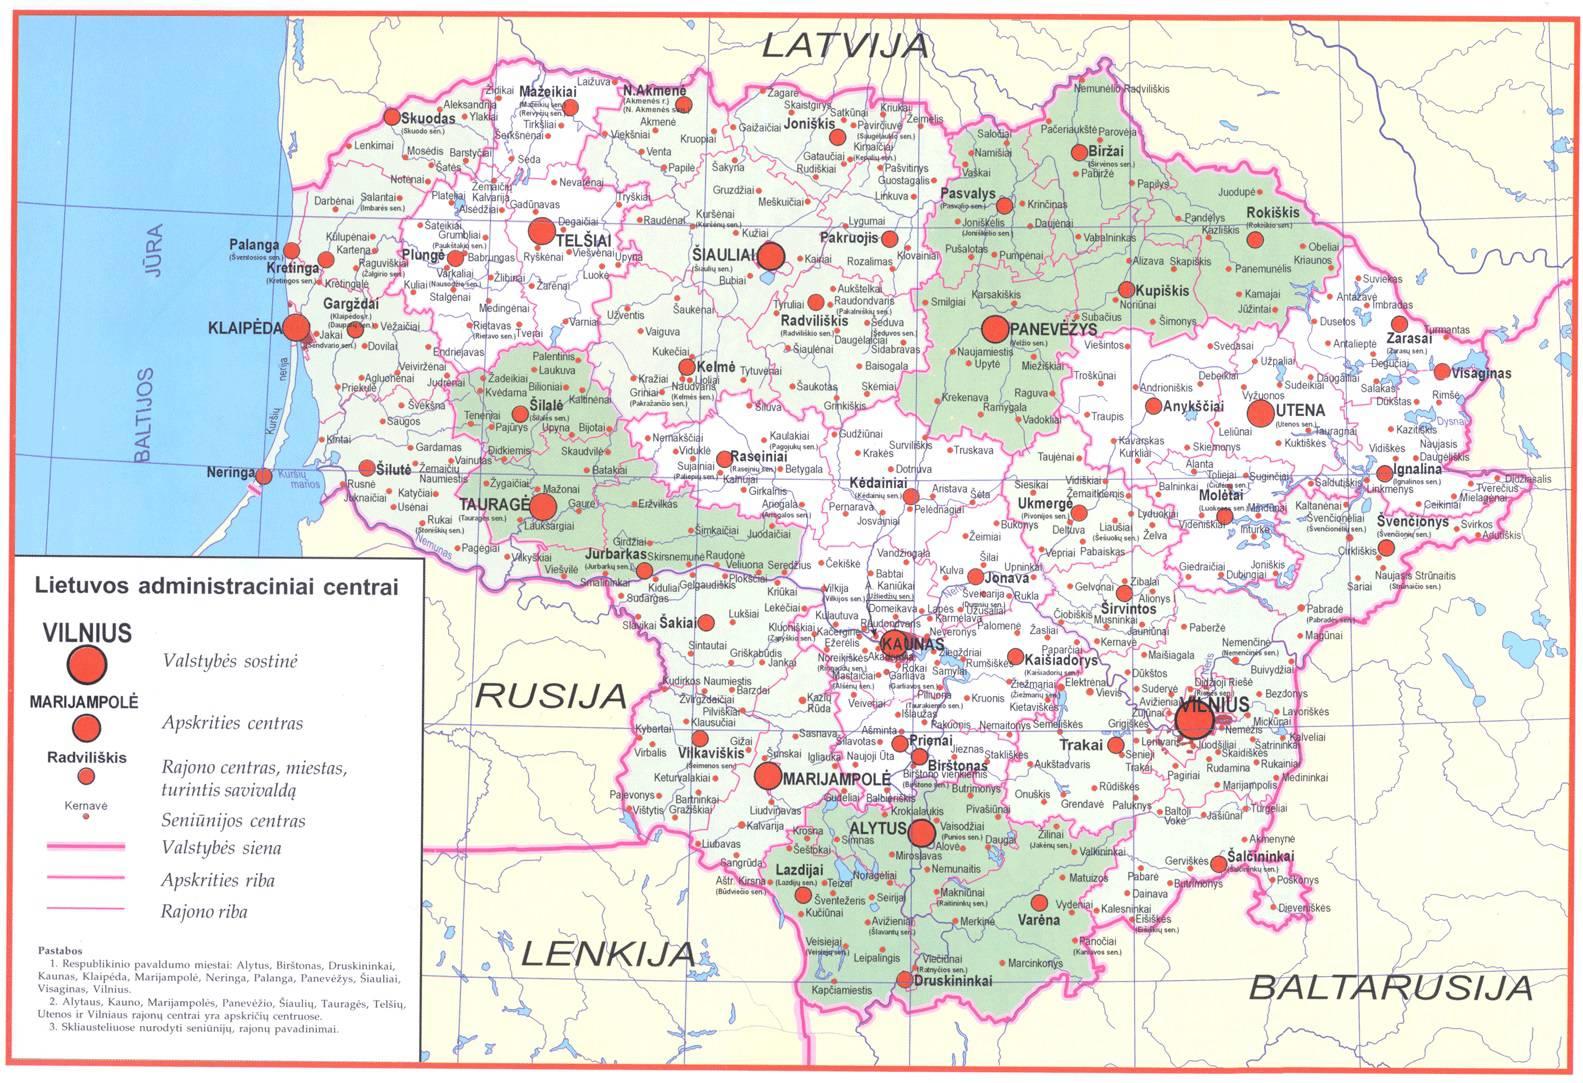 Carte détaillée de la Lituanie